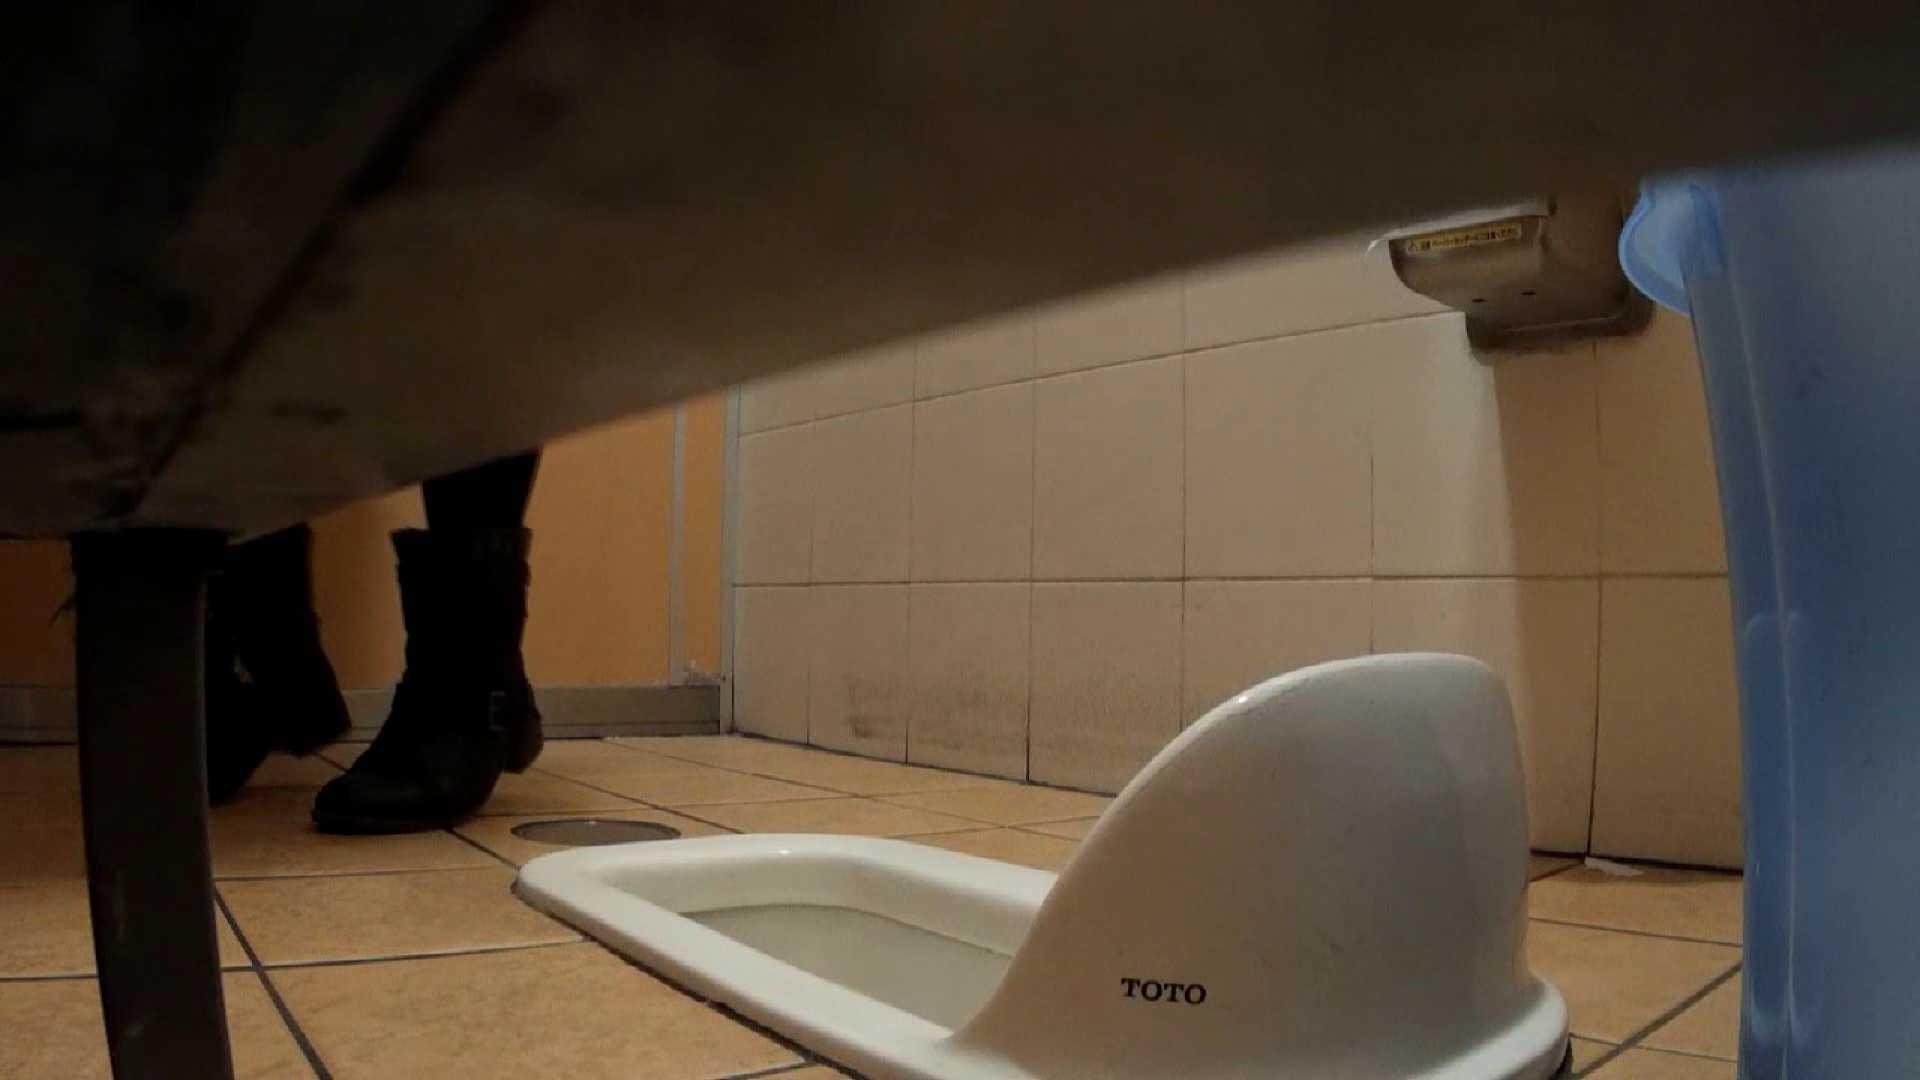 痴態洗面所 Vol.04 上と下の割合が絶妙です。 洗面所着替え | OL  53連発 44